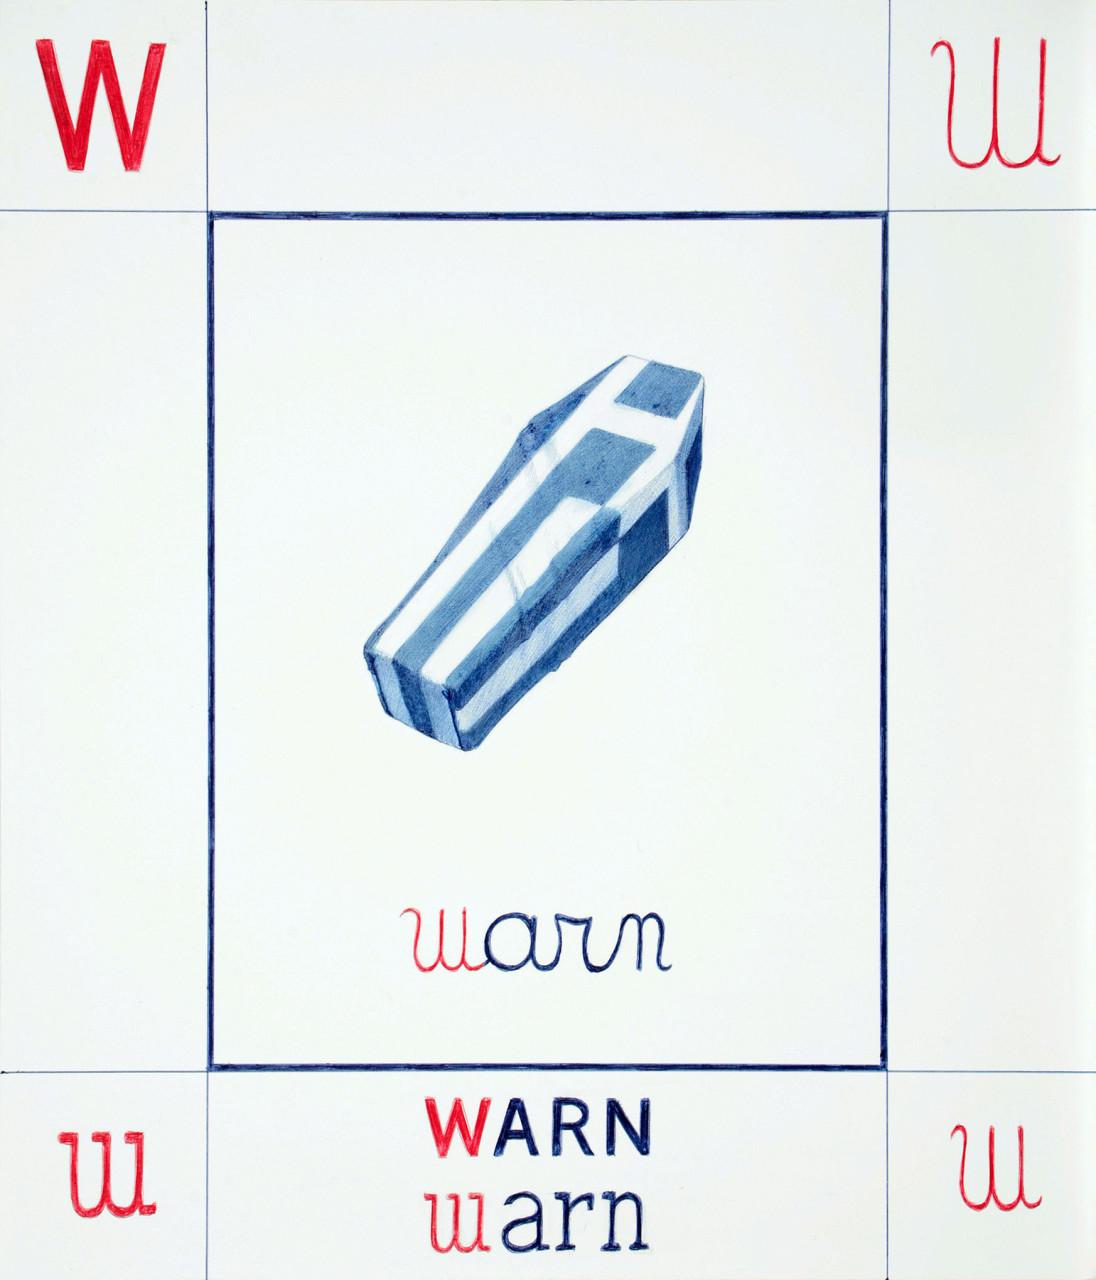 04W-warn_bassa